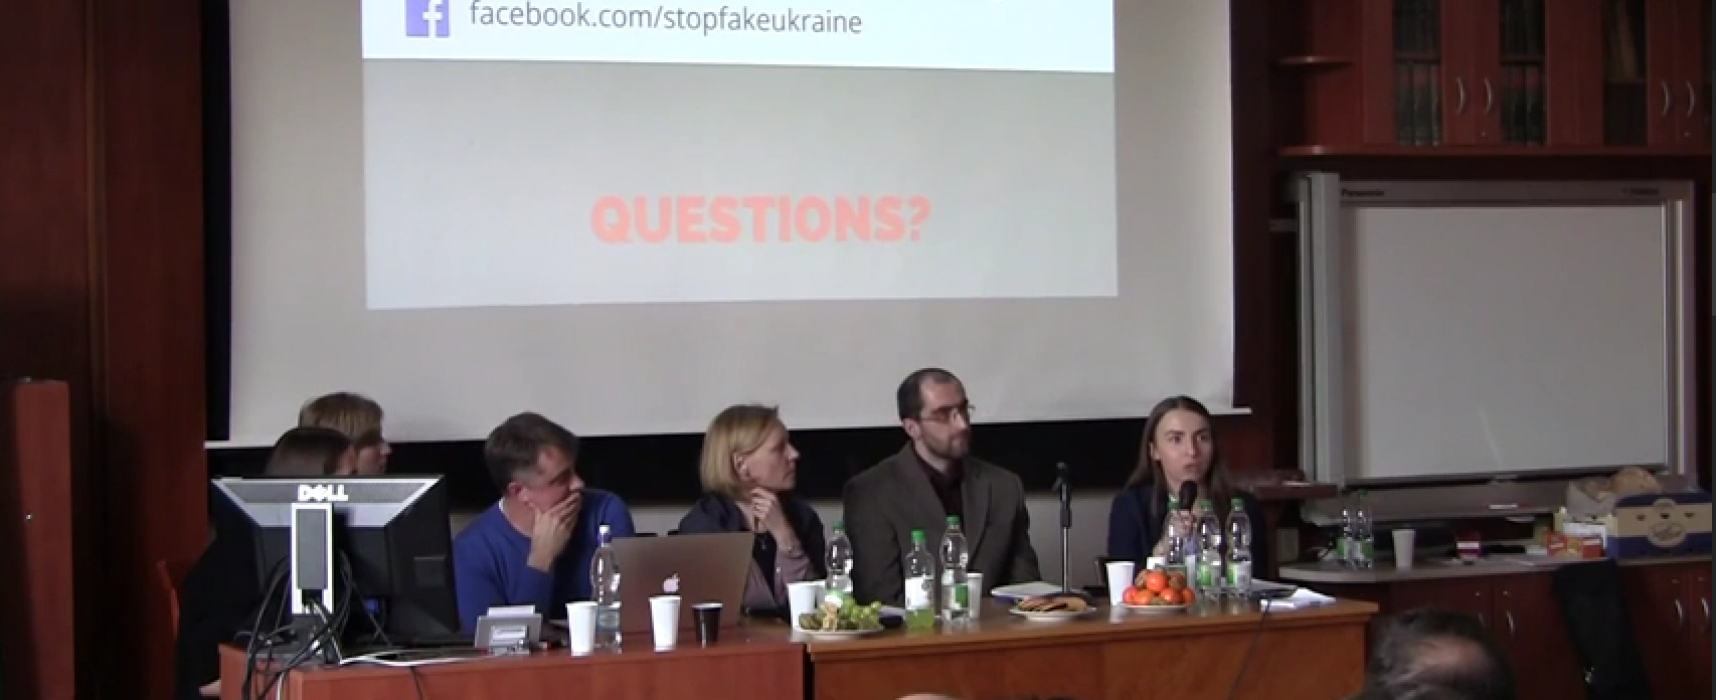 Ukrajina ruským objektivem